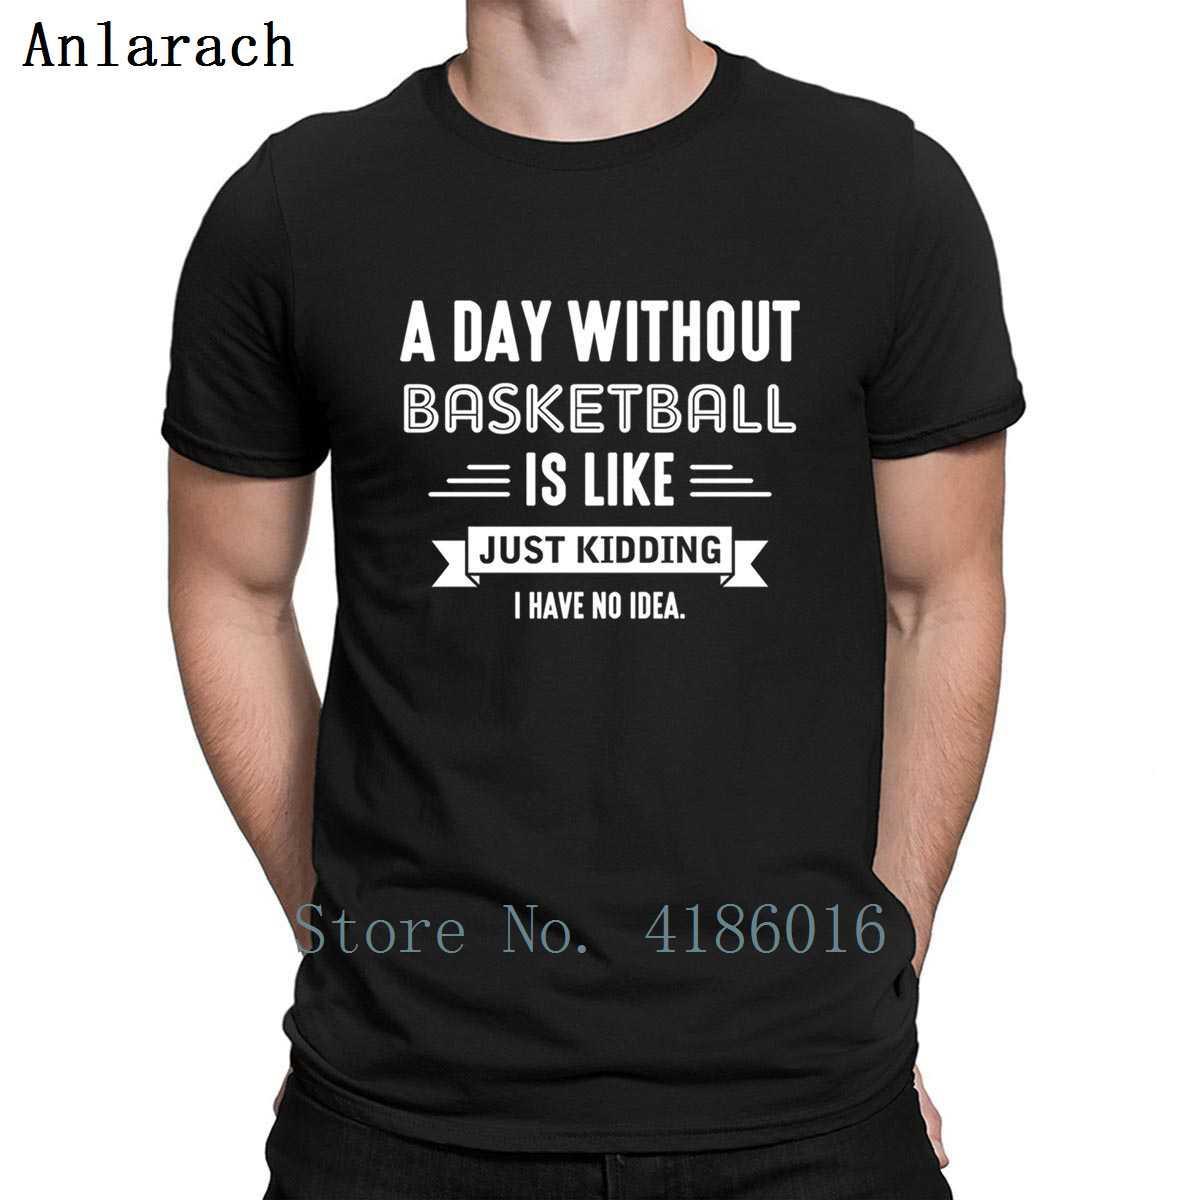 Jour Sans basket-ball T-shirt Intéressant style d'été à manches courtes col rond bâtiment Tendance Lettre de caractère T-shirt